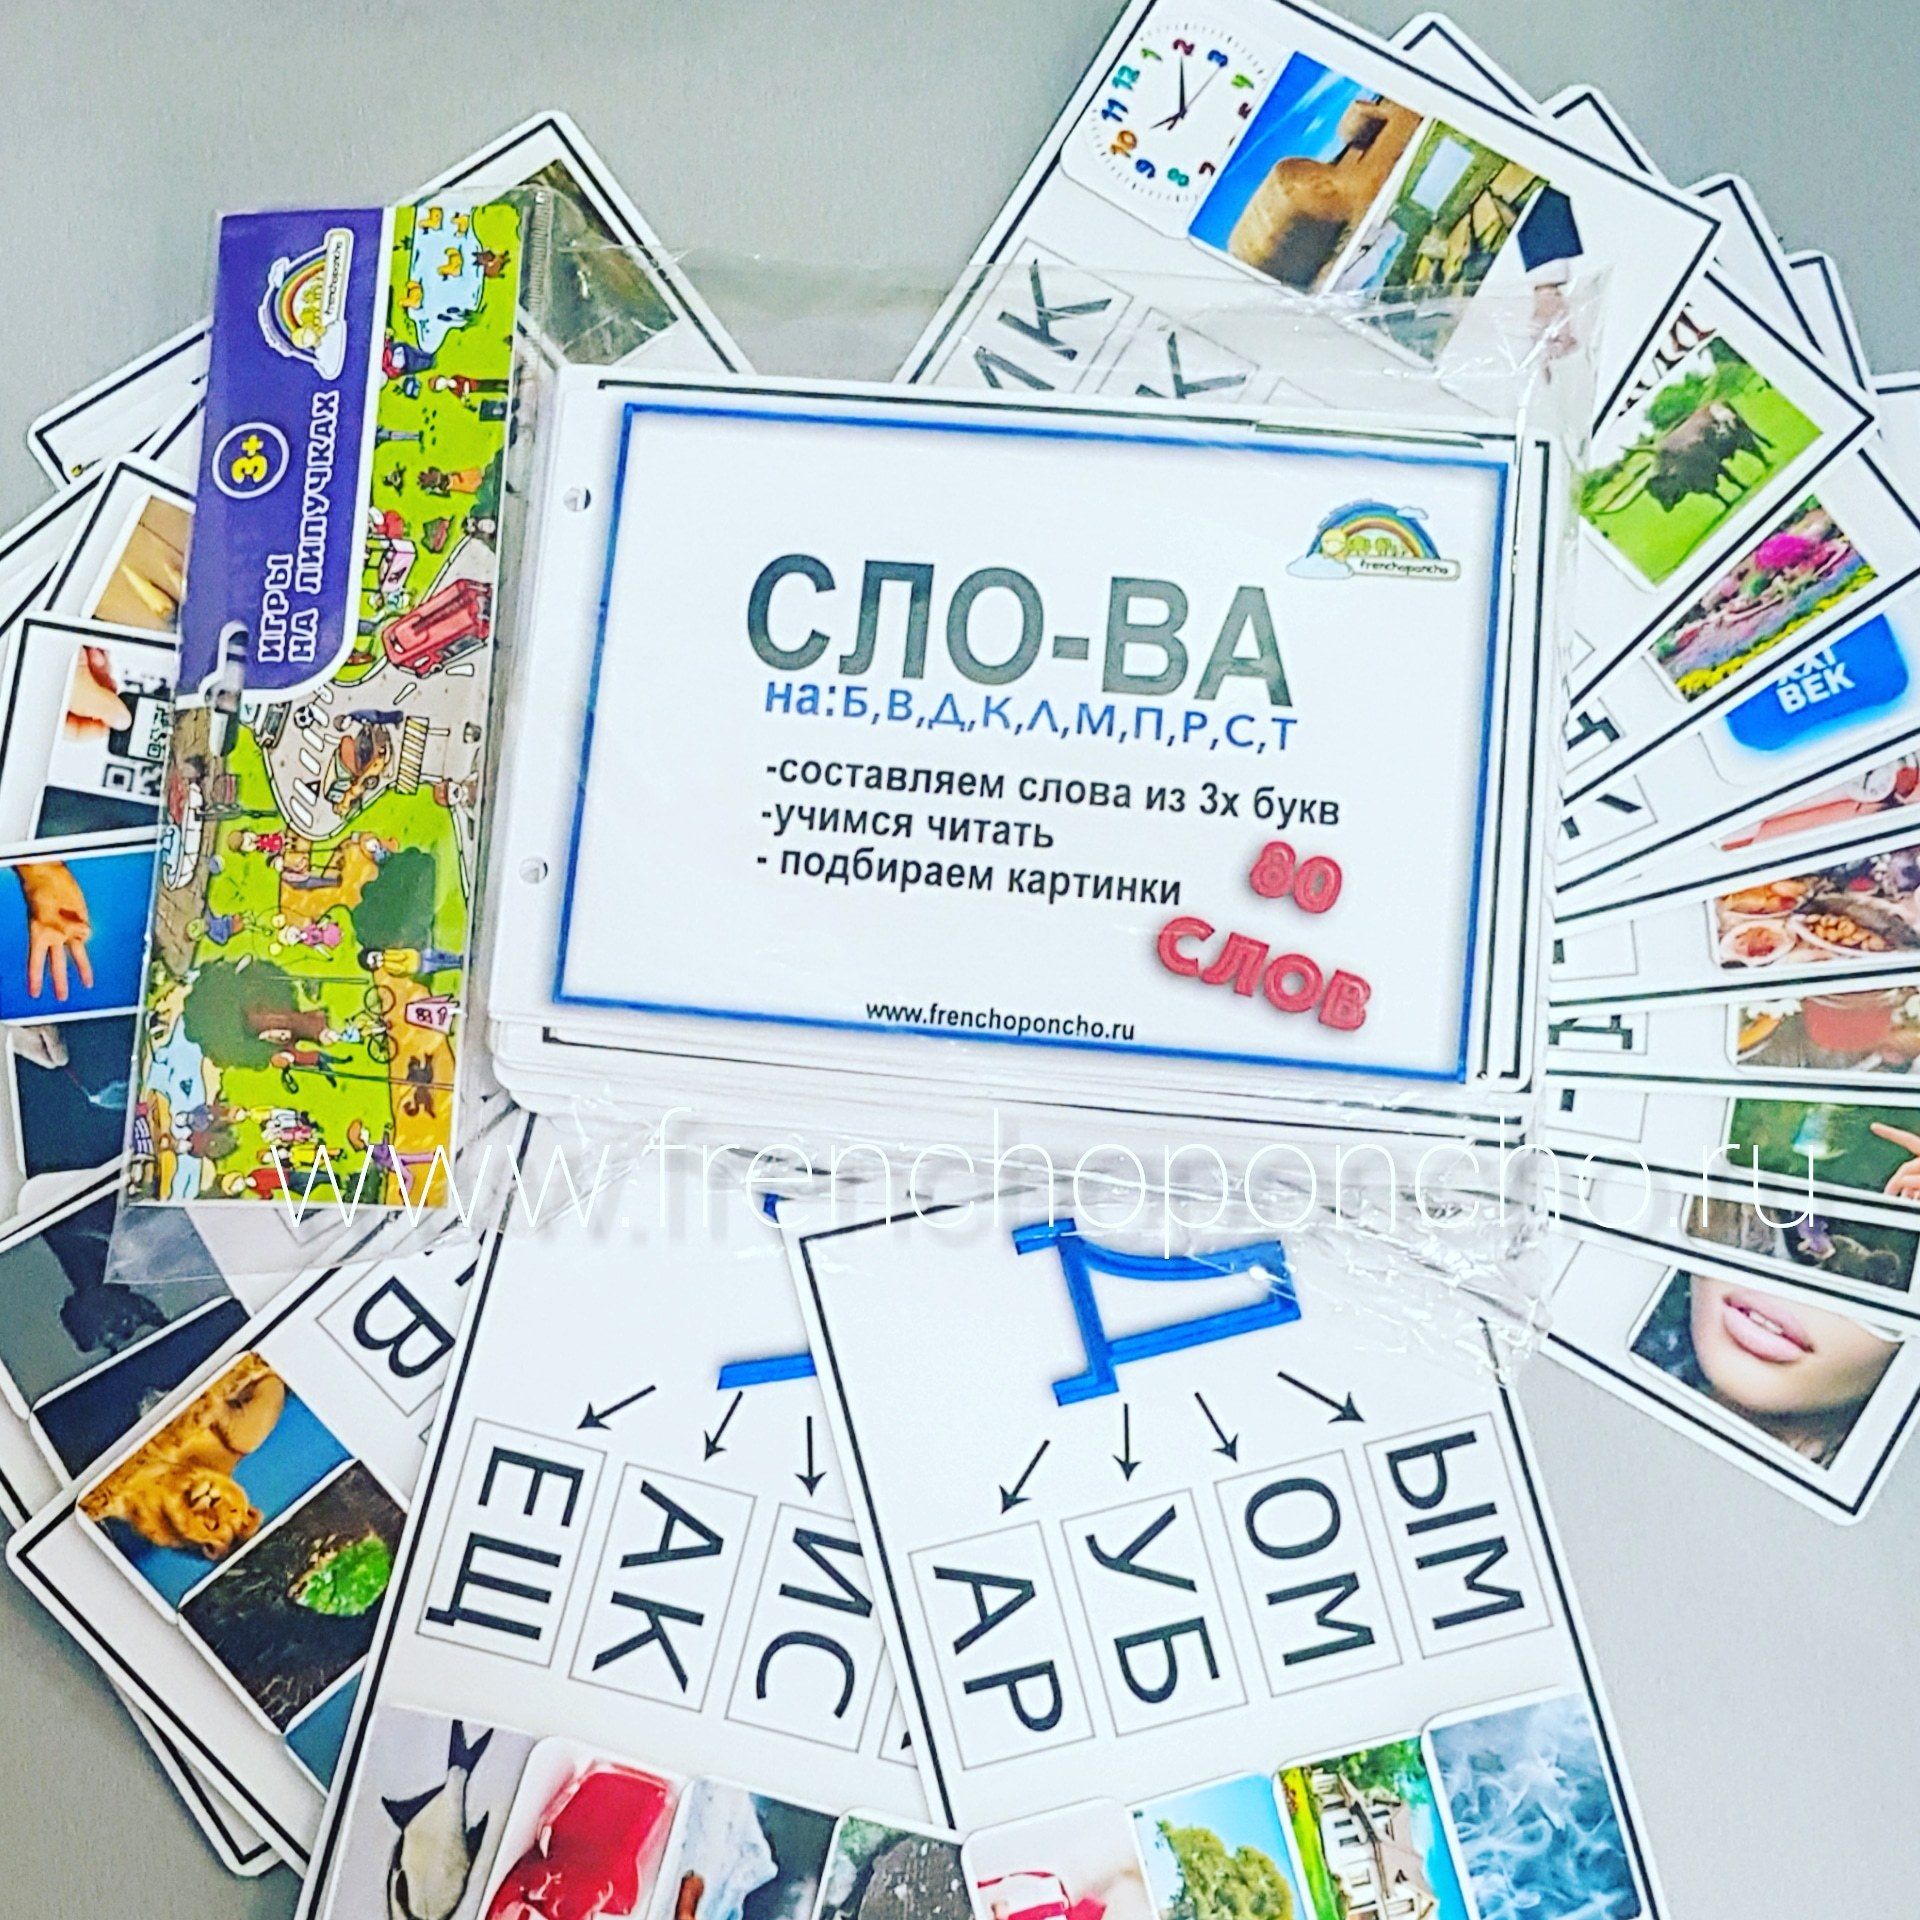 """Игра на чтение СЛОВА (""""СЛО-ВА""""), 80 слов из трех букв. Развивающие пособия на липучках Frenchoponcho (Френчопончо)"""